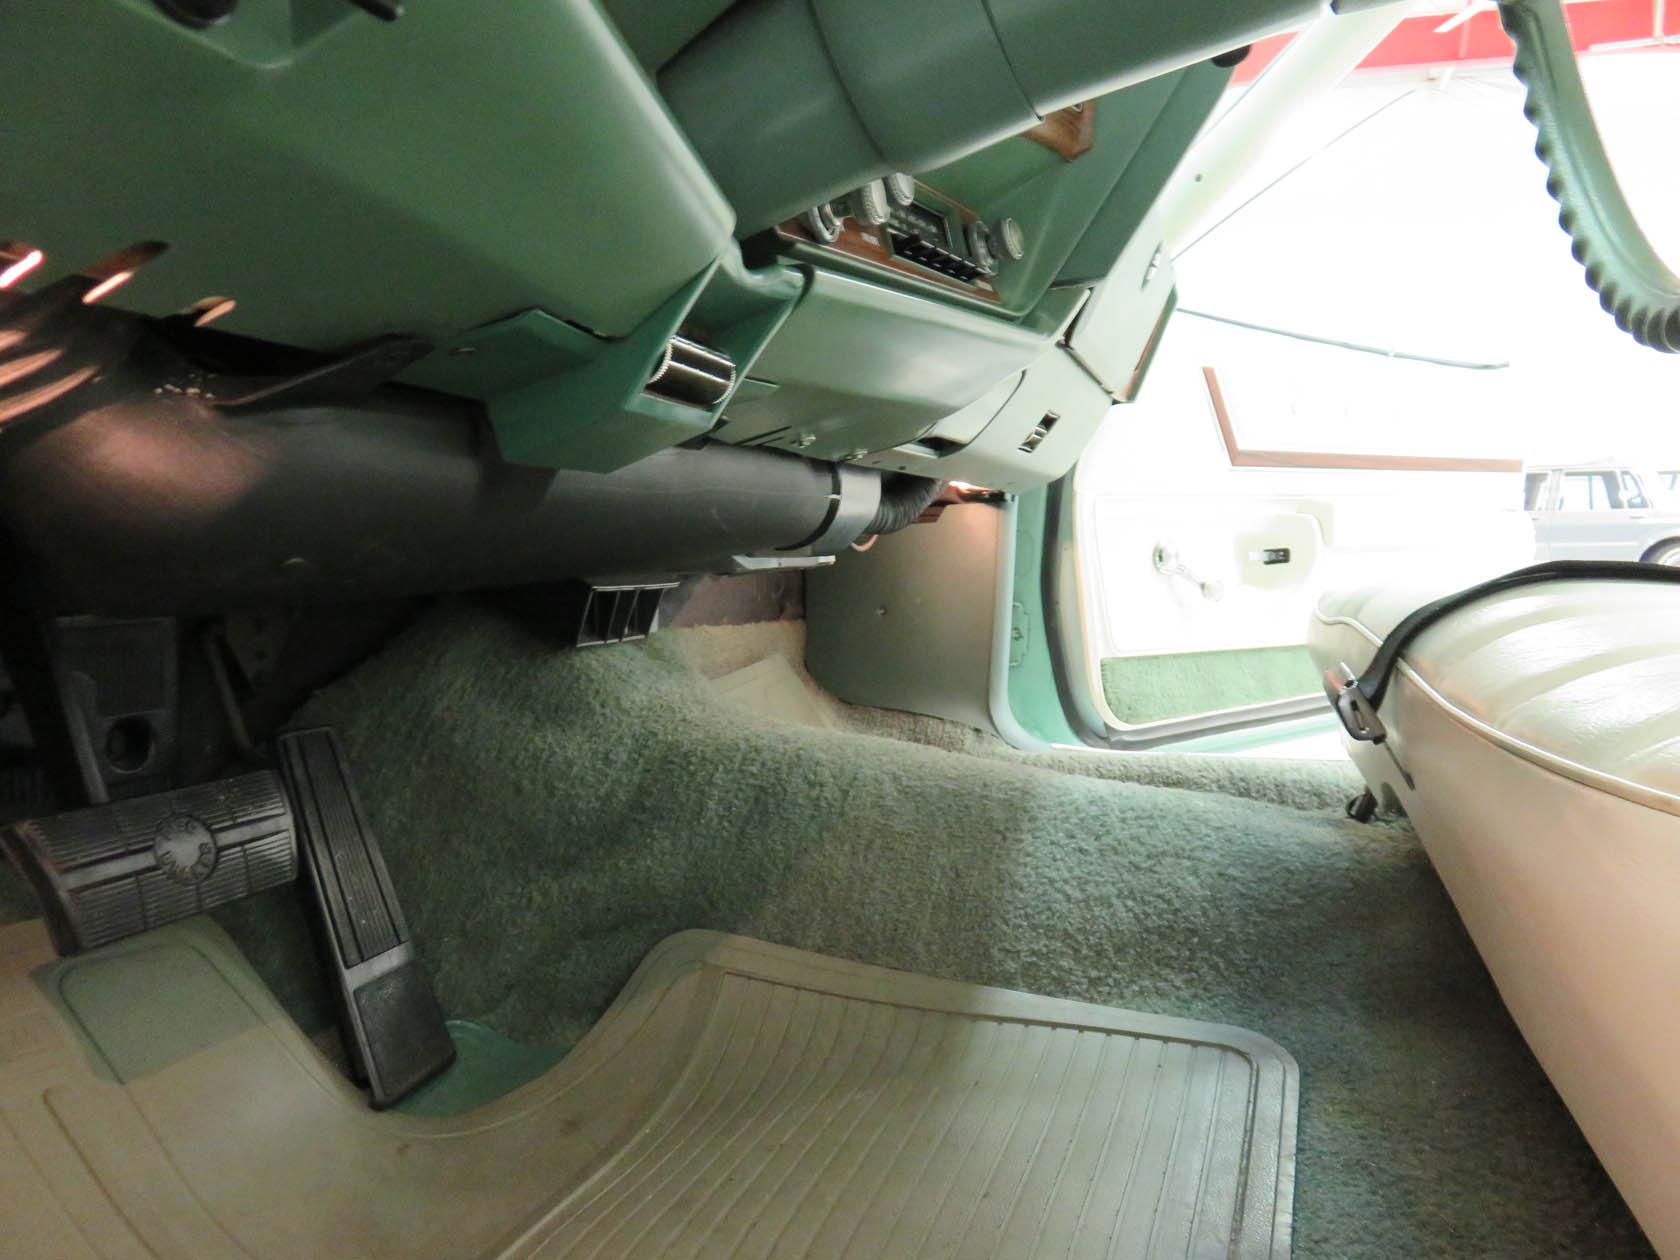 Michael Esposito - 1974 Oldsmobile Cutlasss Supreme 442